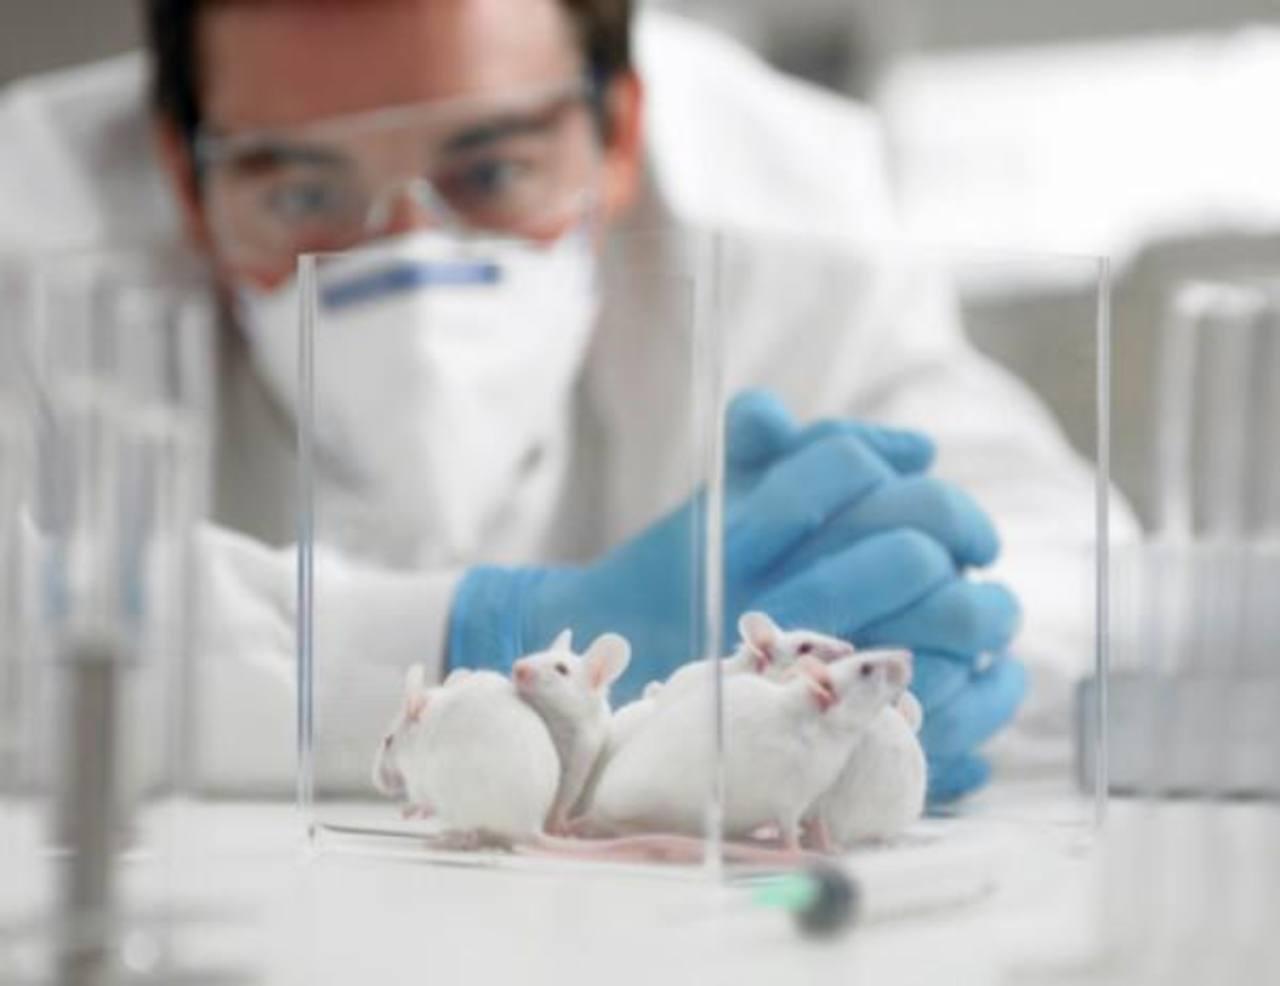 Los resultados obtenidos de la investigación en ratones son alentadores, según expertos. Foto EDH/ Archivo